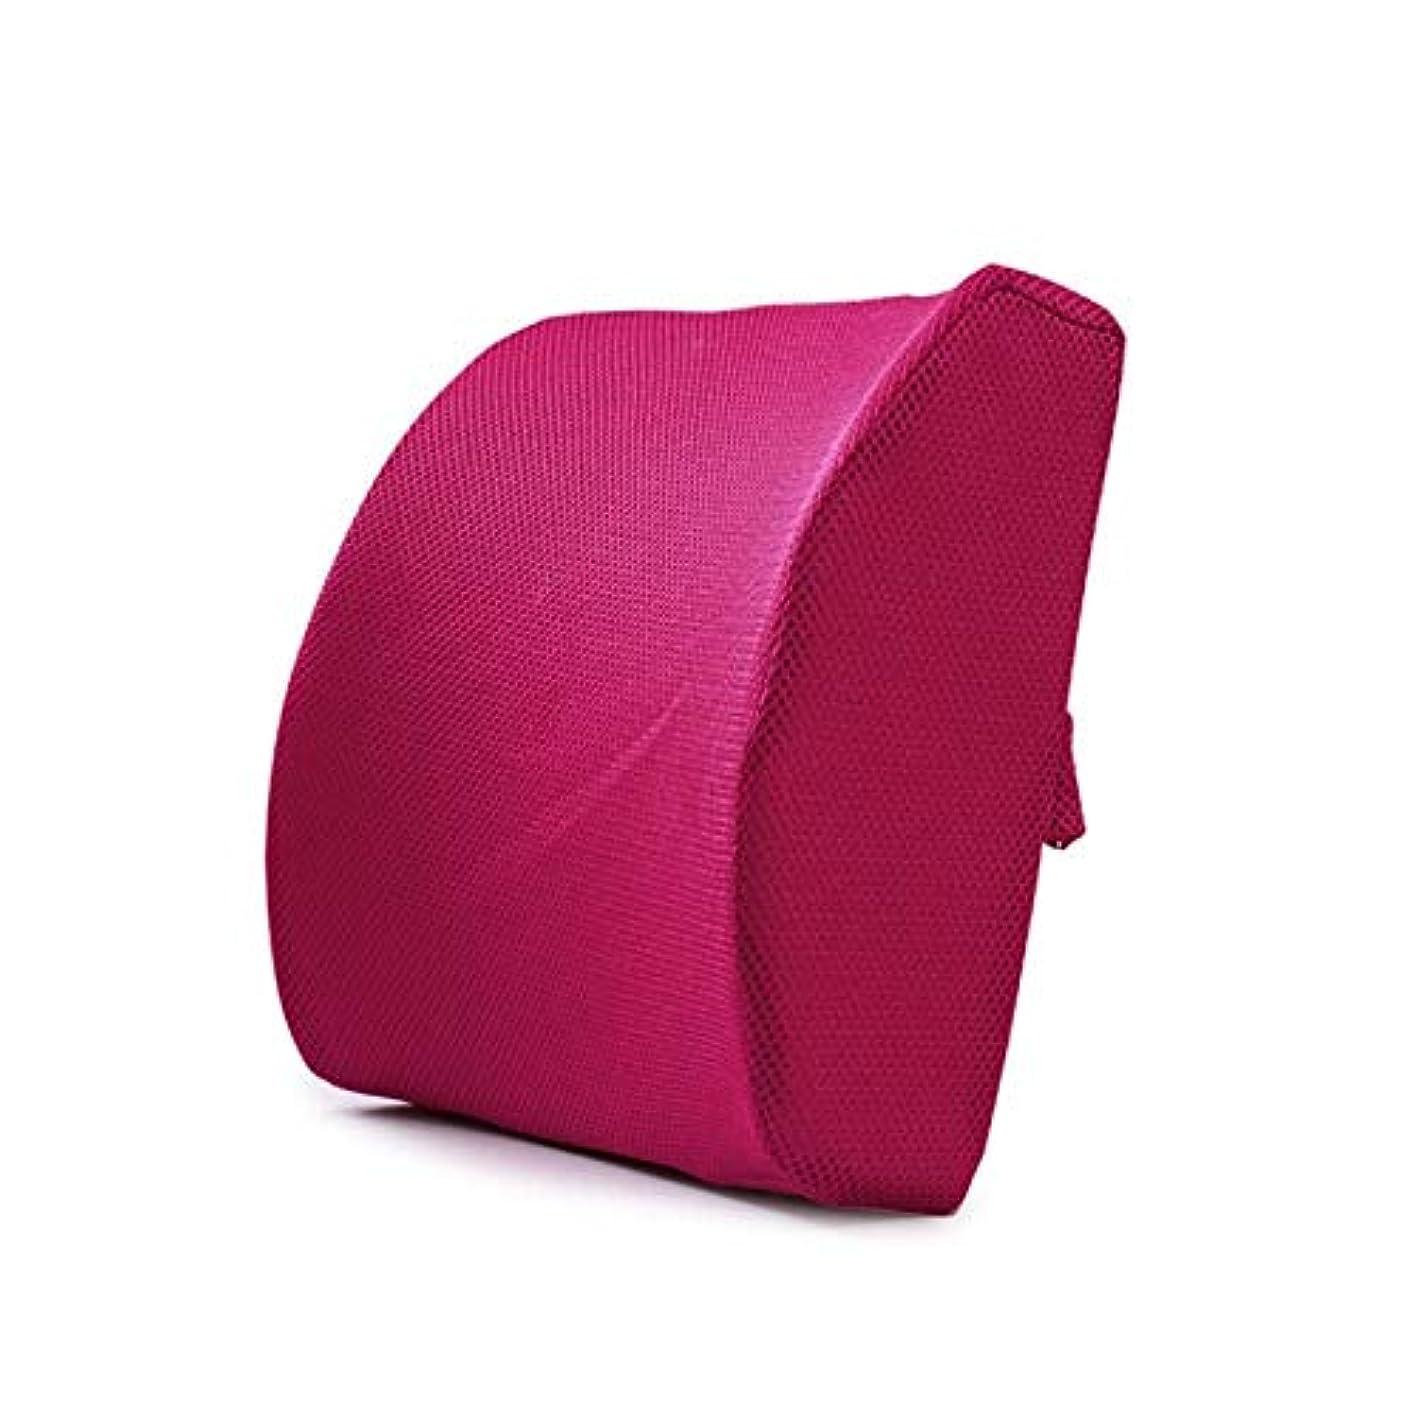 電圧はっきりしない思春期LIFE ホームオフィス背もたれ椅子腰椎クッションカーシートネック枕 3D 低反発サポートバックマッサージウエストレスリビング枕 クッション 椅子